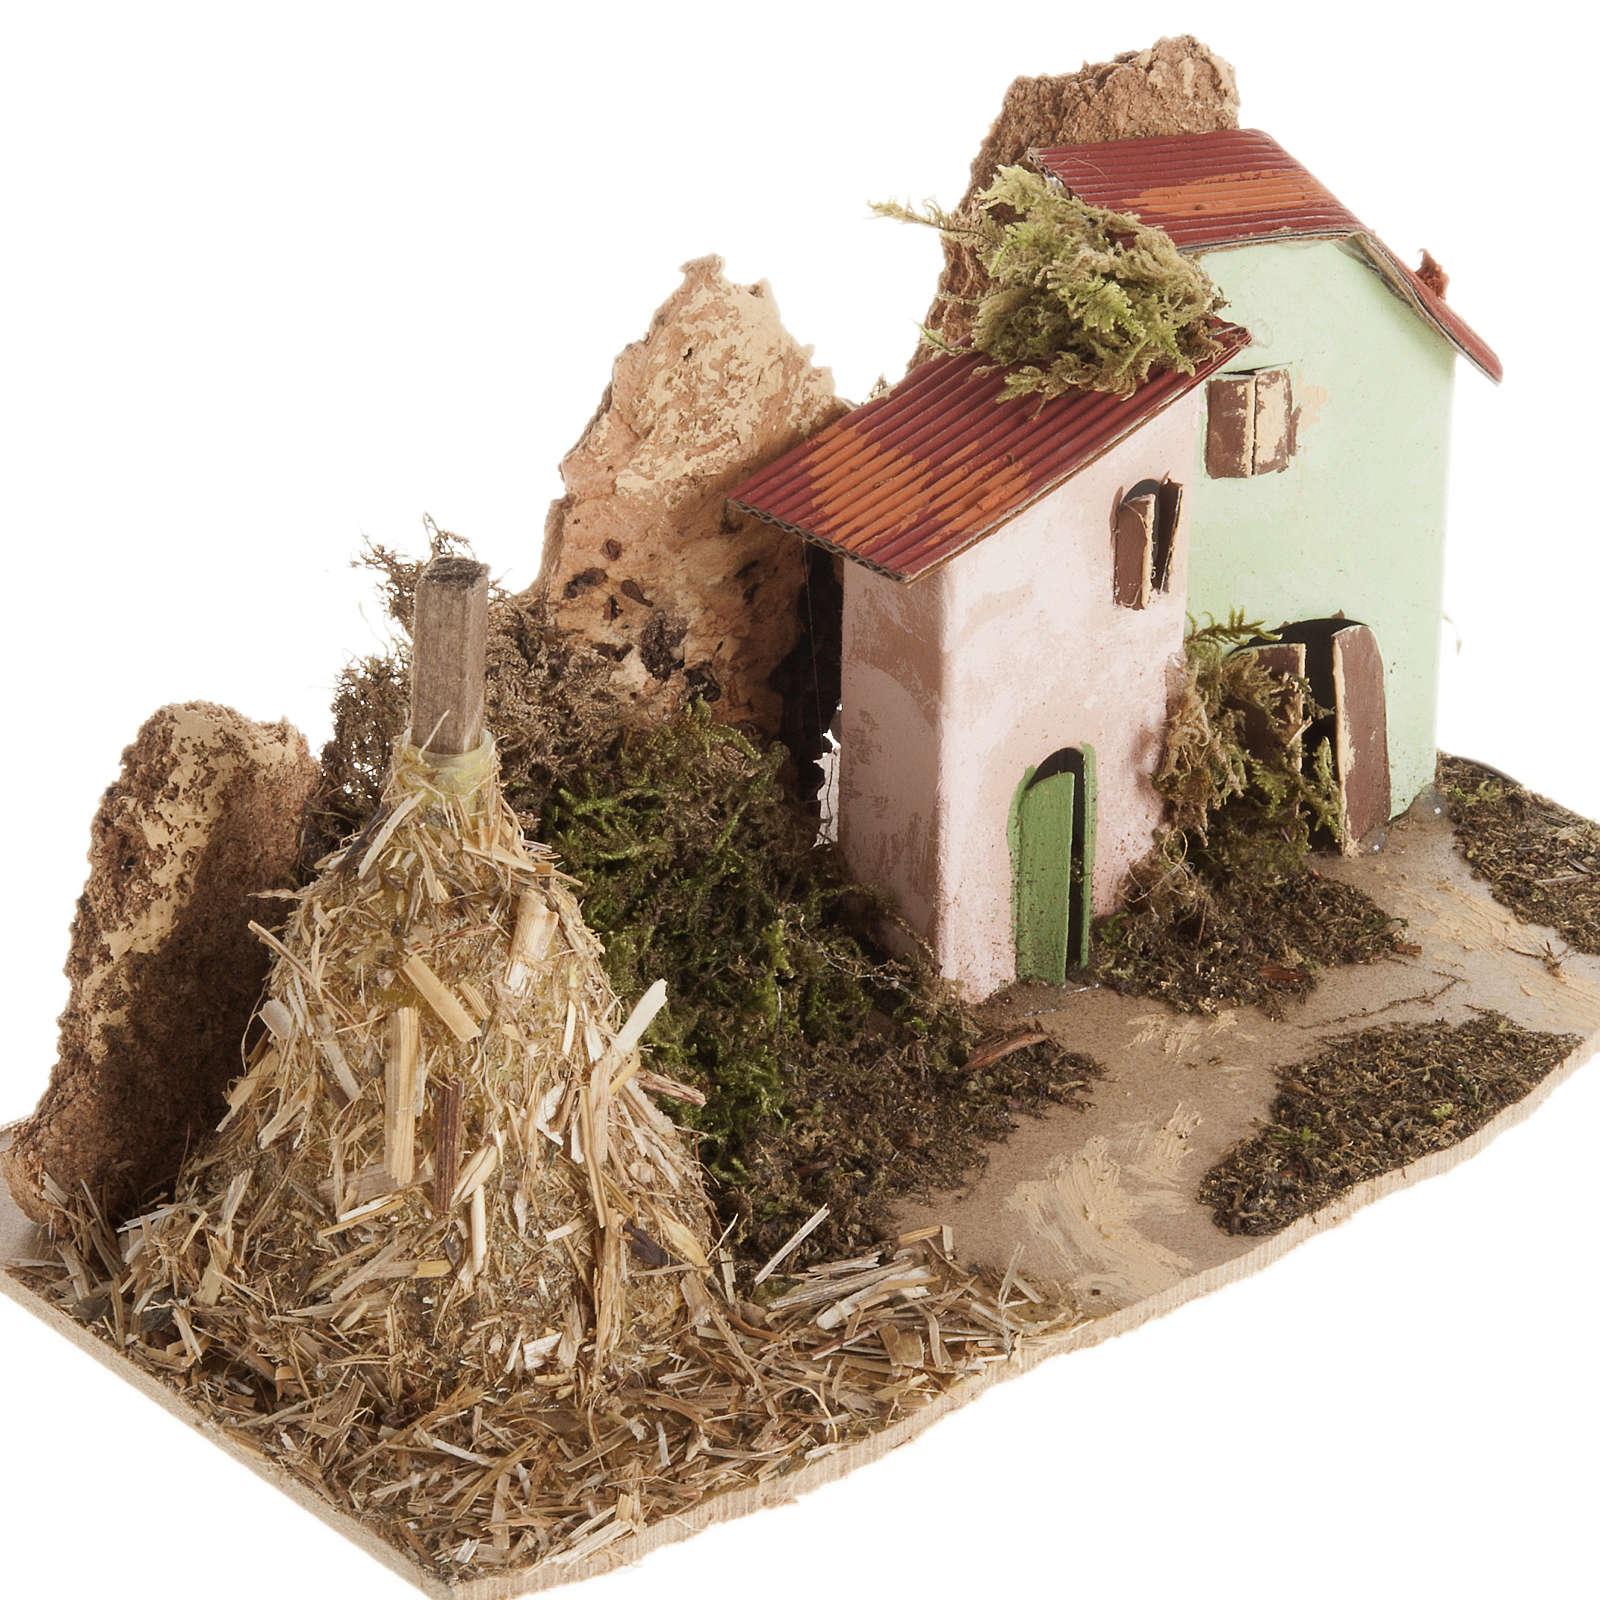 Maison décor crèche en bois avec grange 4